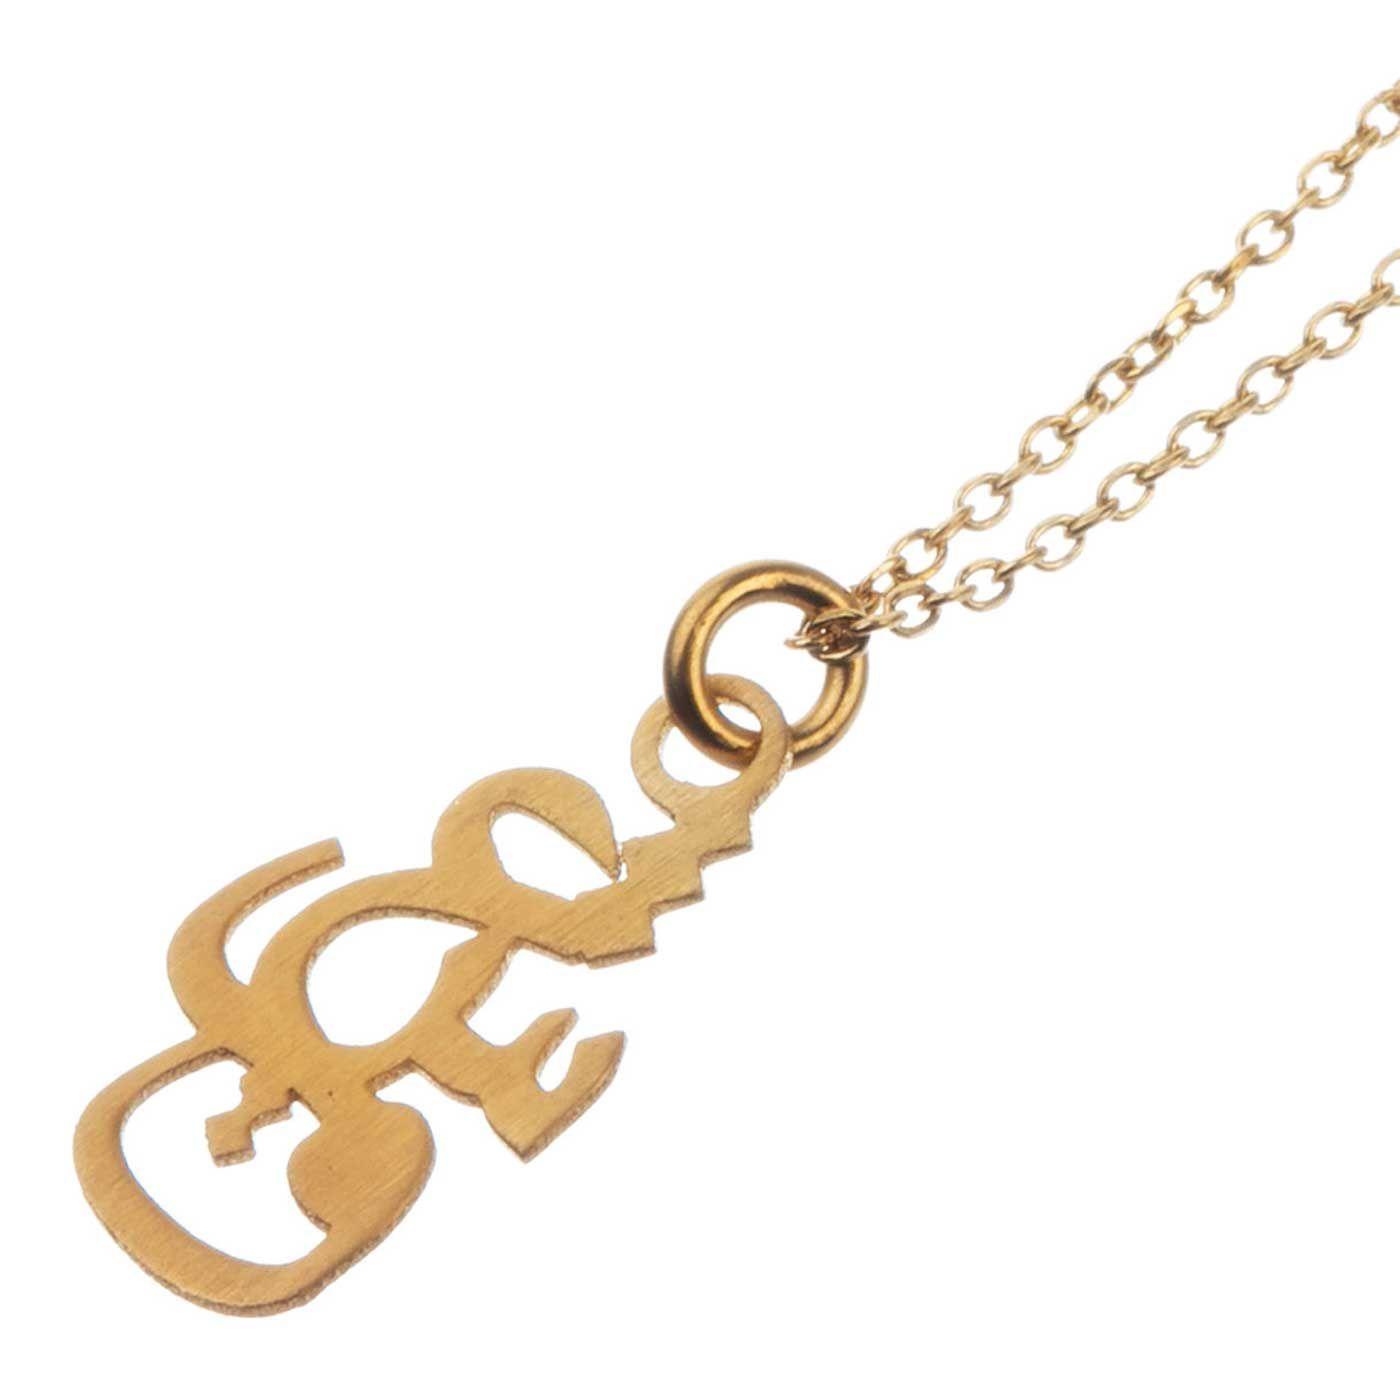 آویز ساعت طلا 18 عیار زنانه کانیار گالری کد AS29 -  - 3